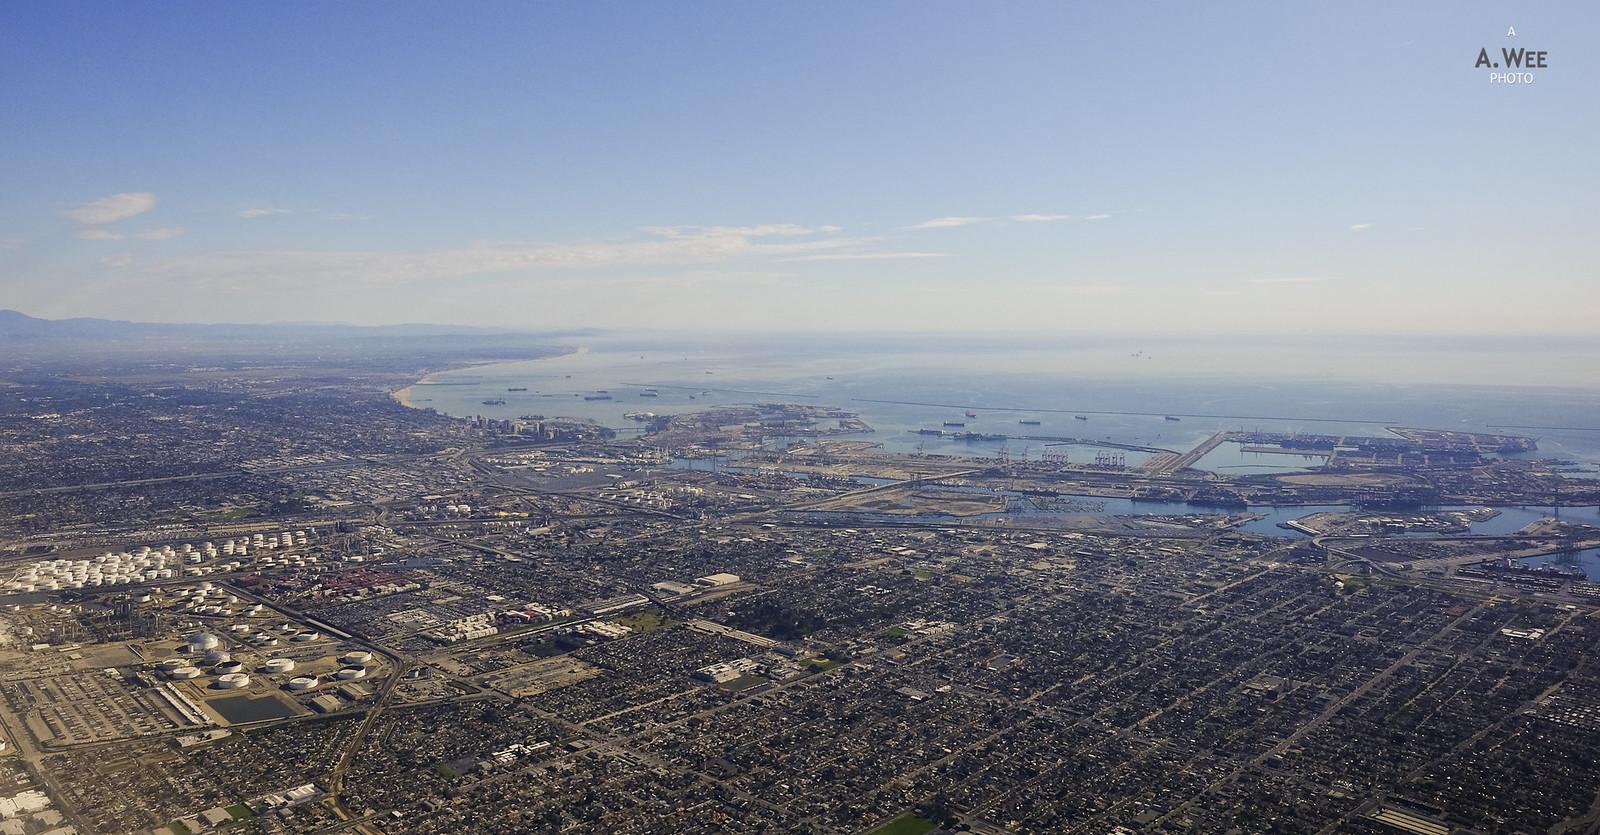 Long Beach Terminal from the air